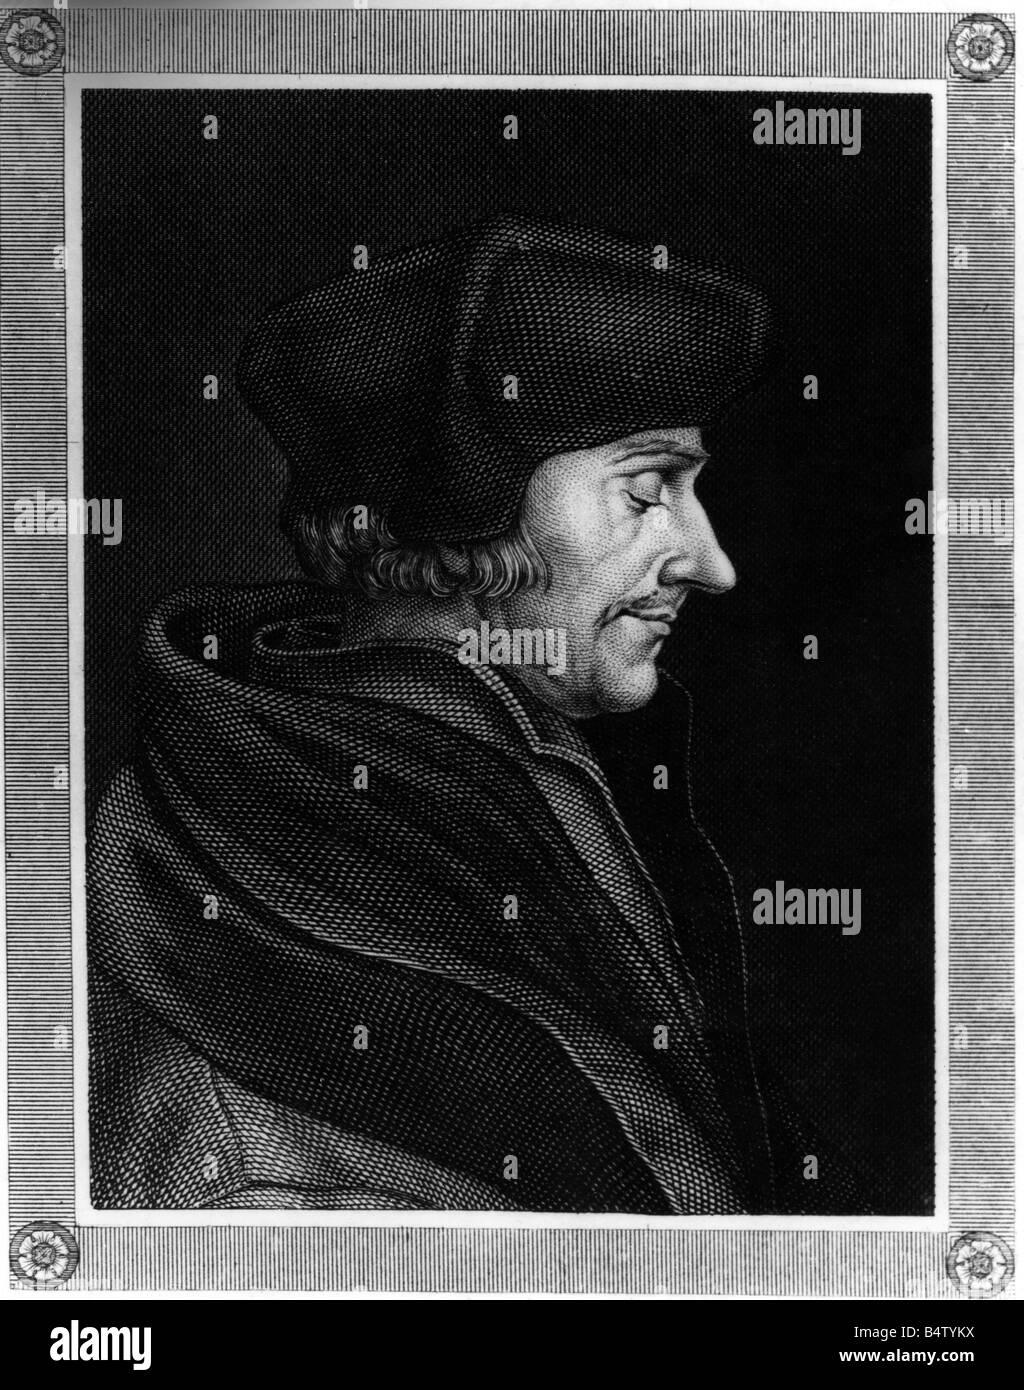 Erasmus Desiderius von Rotterdam, eigentlich Geert GEERTSEN, 27.10.1469 - 12.7.1536, deutscher Philosoph, Theologe, Stockbild